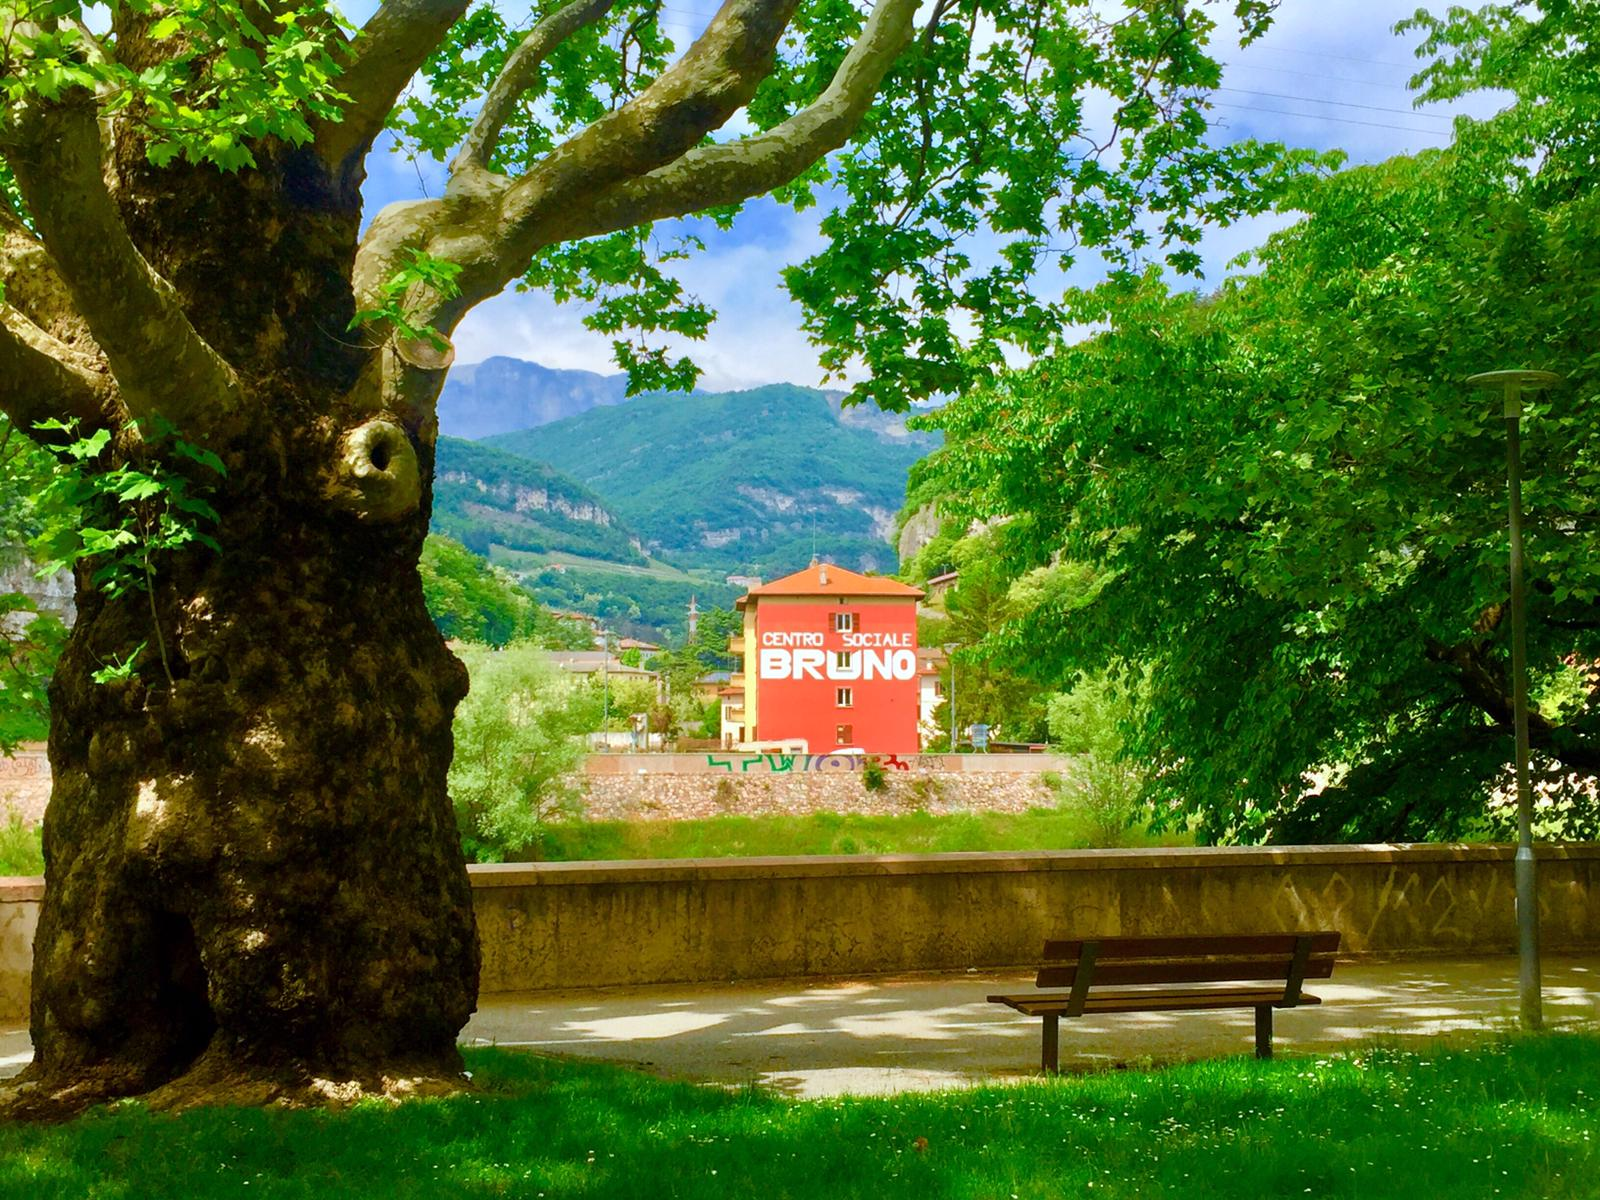 Centro Sociale Bruno visto dalla sponda sinistra dell'Adige